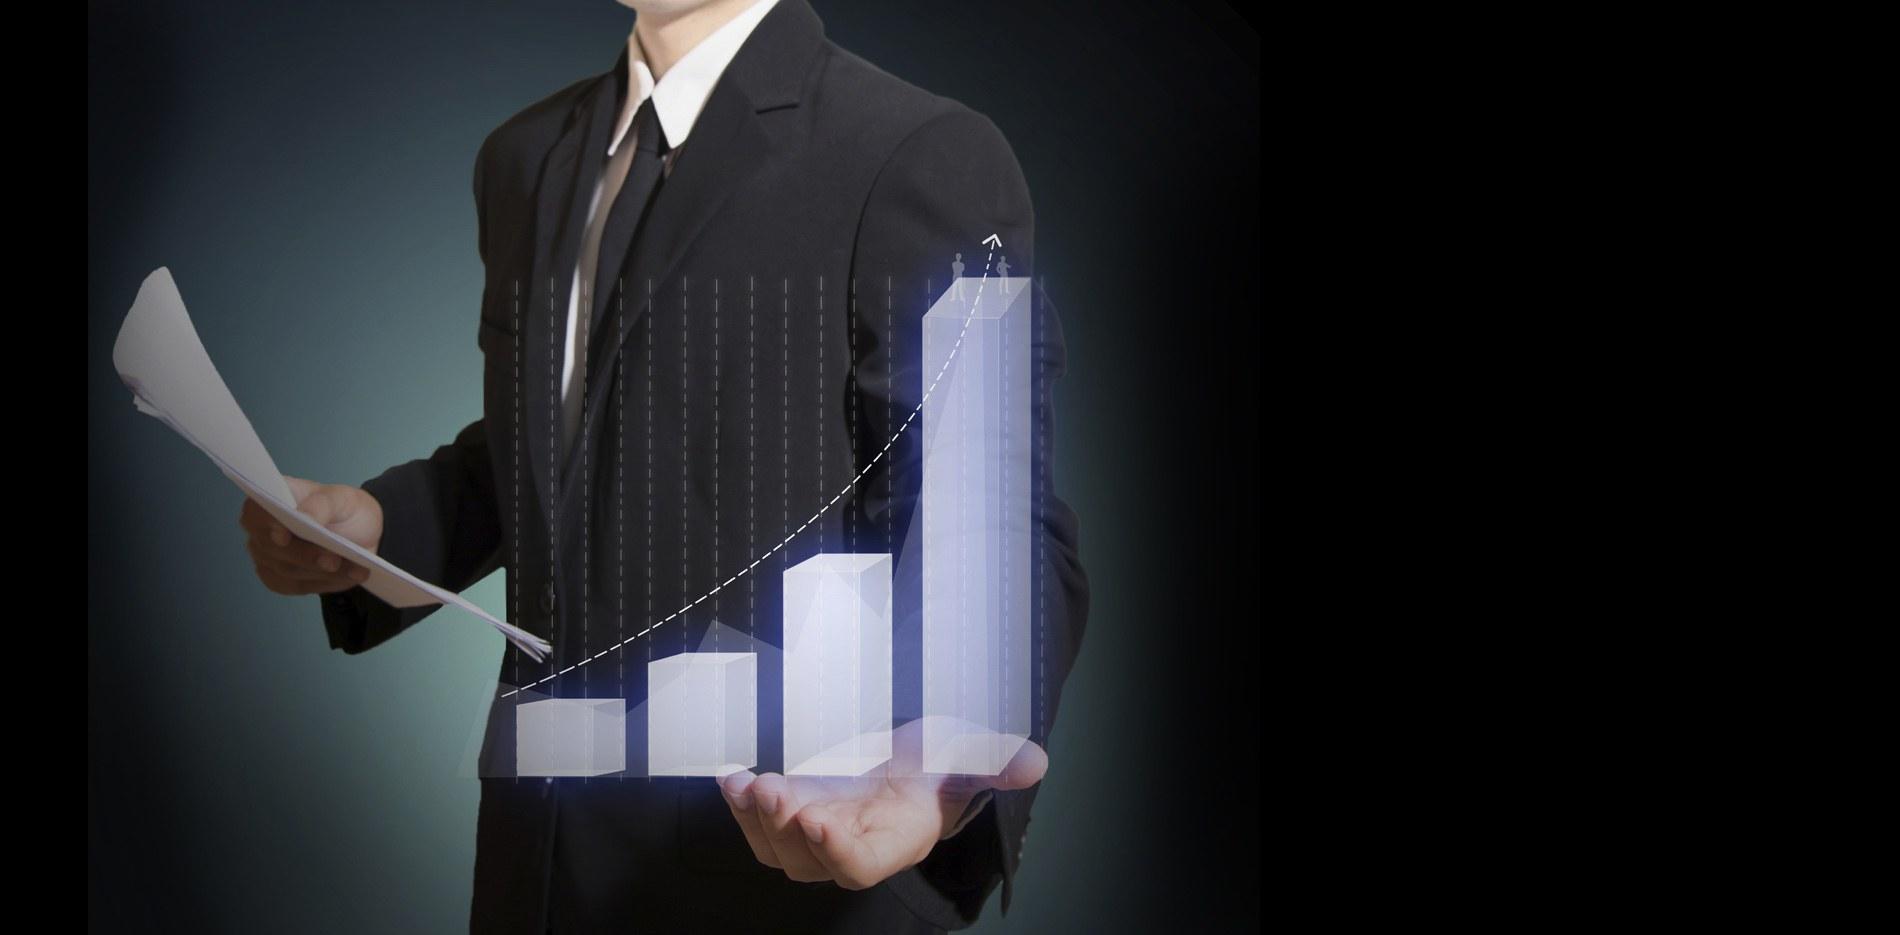 Proyectos de transformación de negocios y tecnologías de información, guiados por un equipo de consultores de alto nivel.